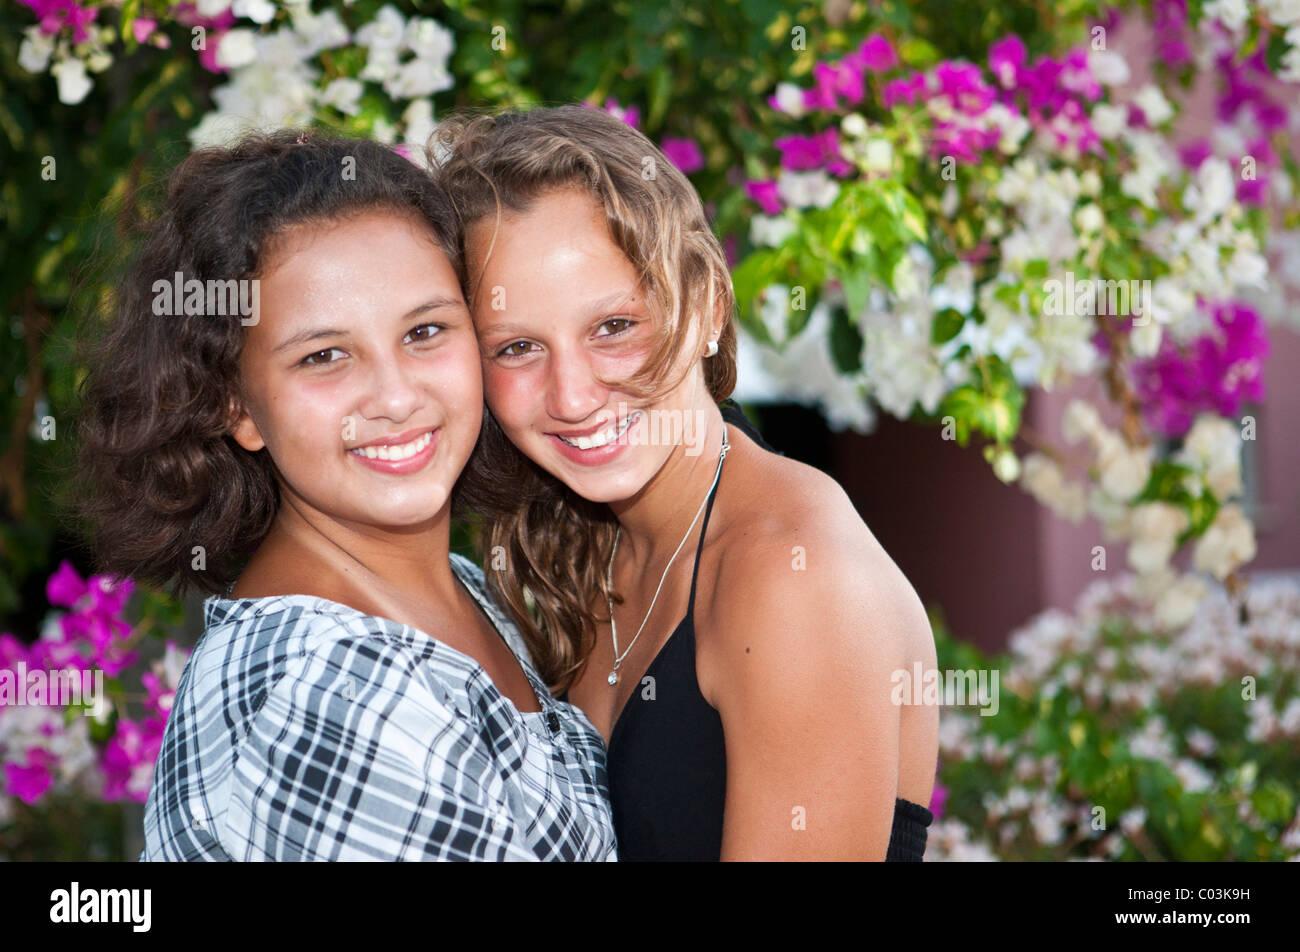 Portrait de deux 13 ans filles devant des fleurs Photo Stock